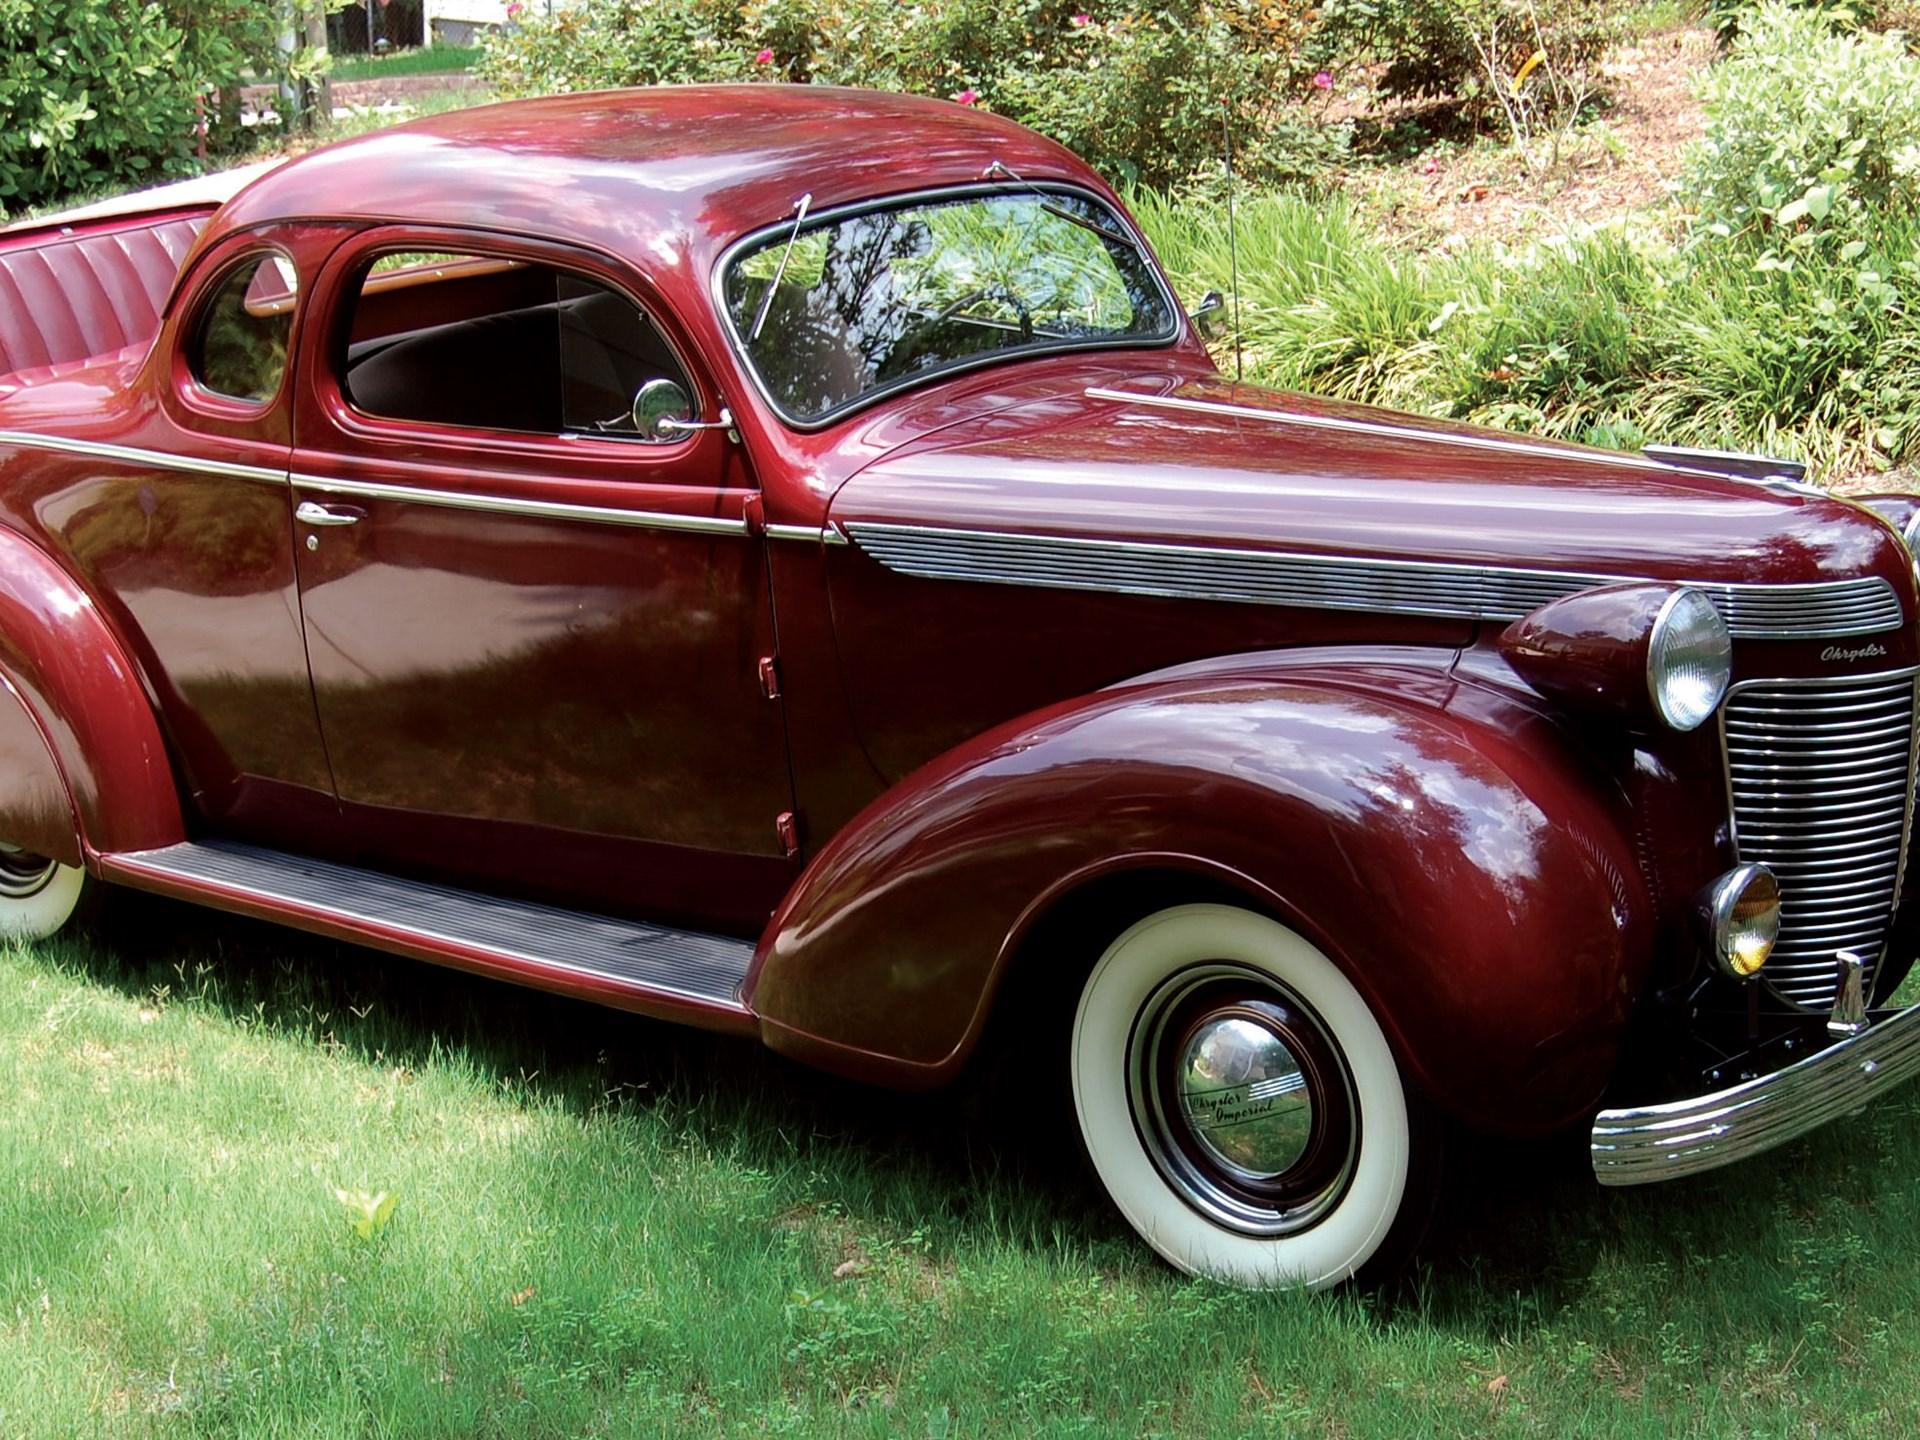 1937 Chrysler Imperial C-14 Touring Sedan |1937 Chrysler Imperial